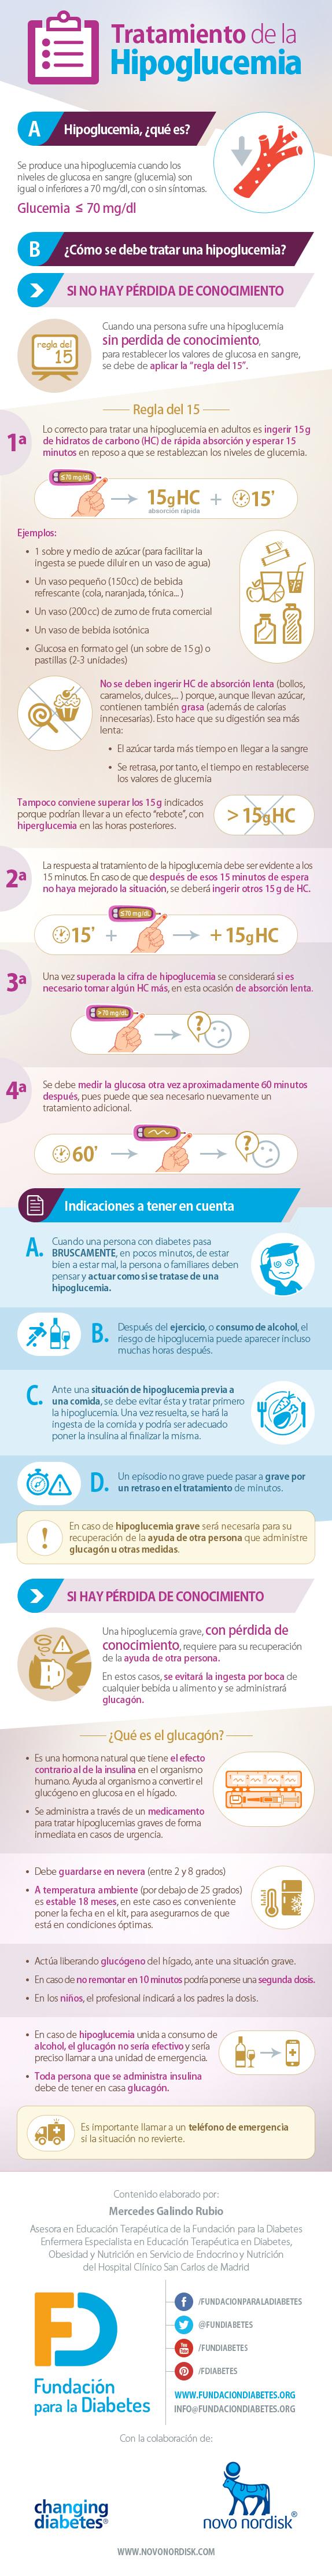 Infografía Tratamiento de la hipoglucemia